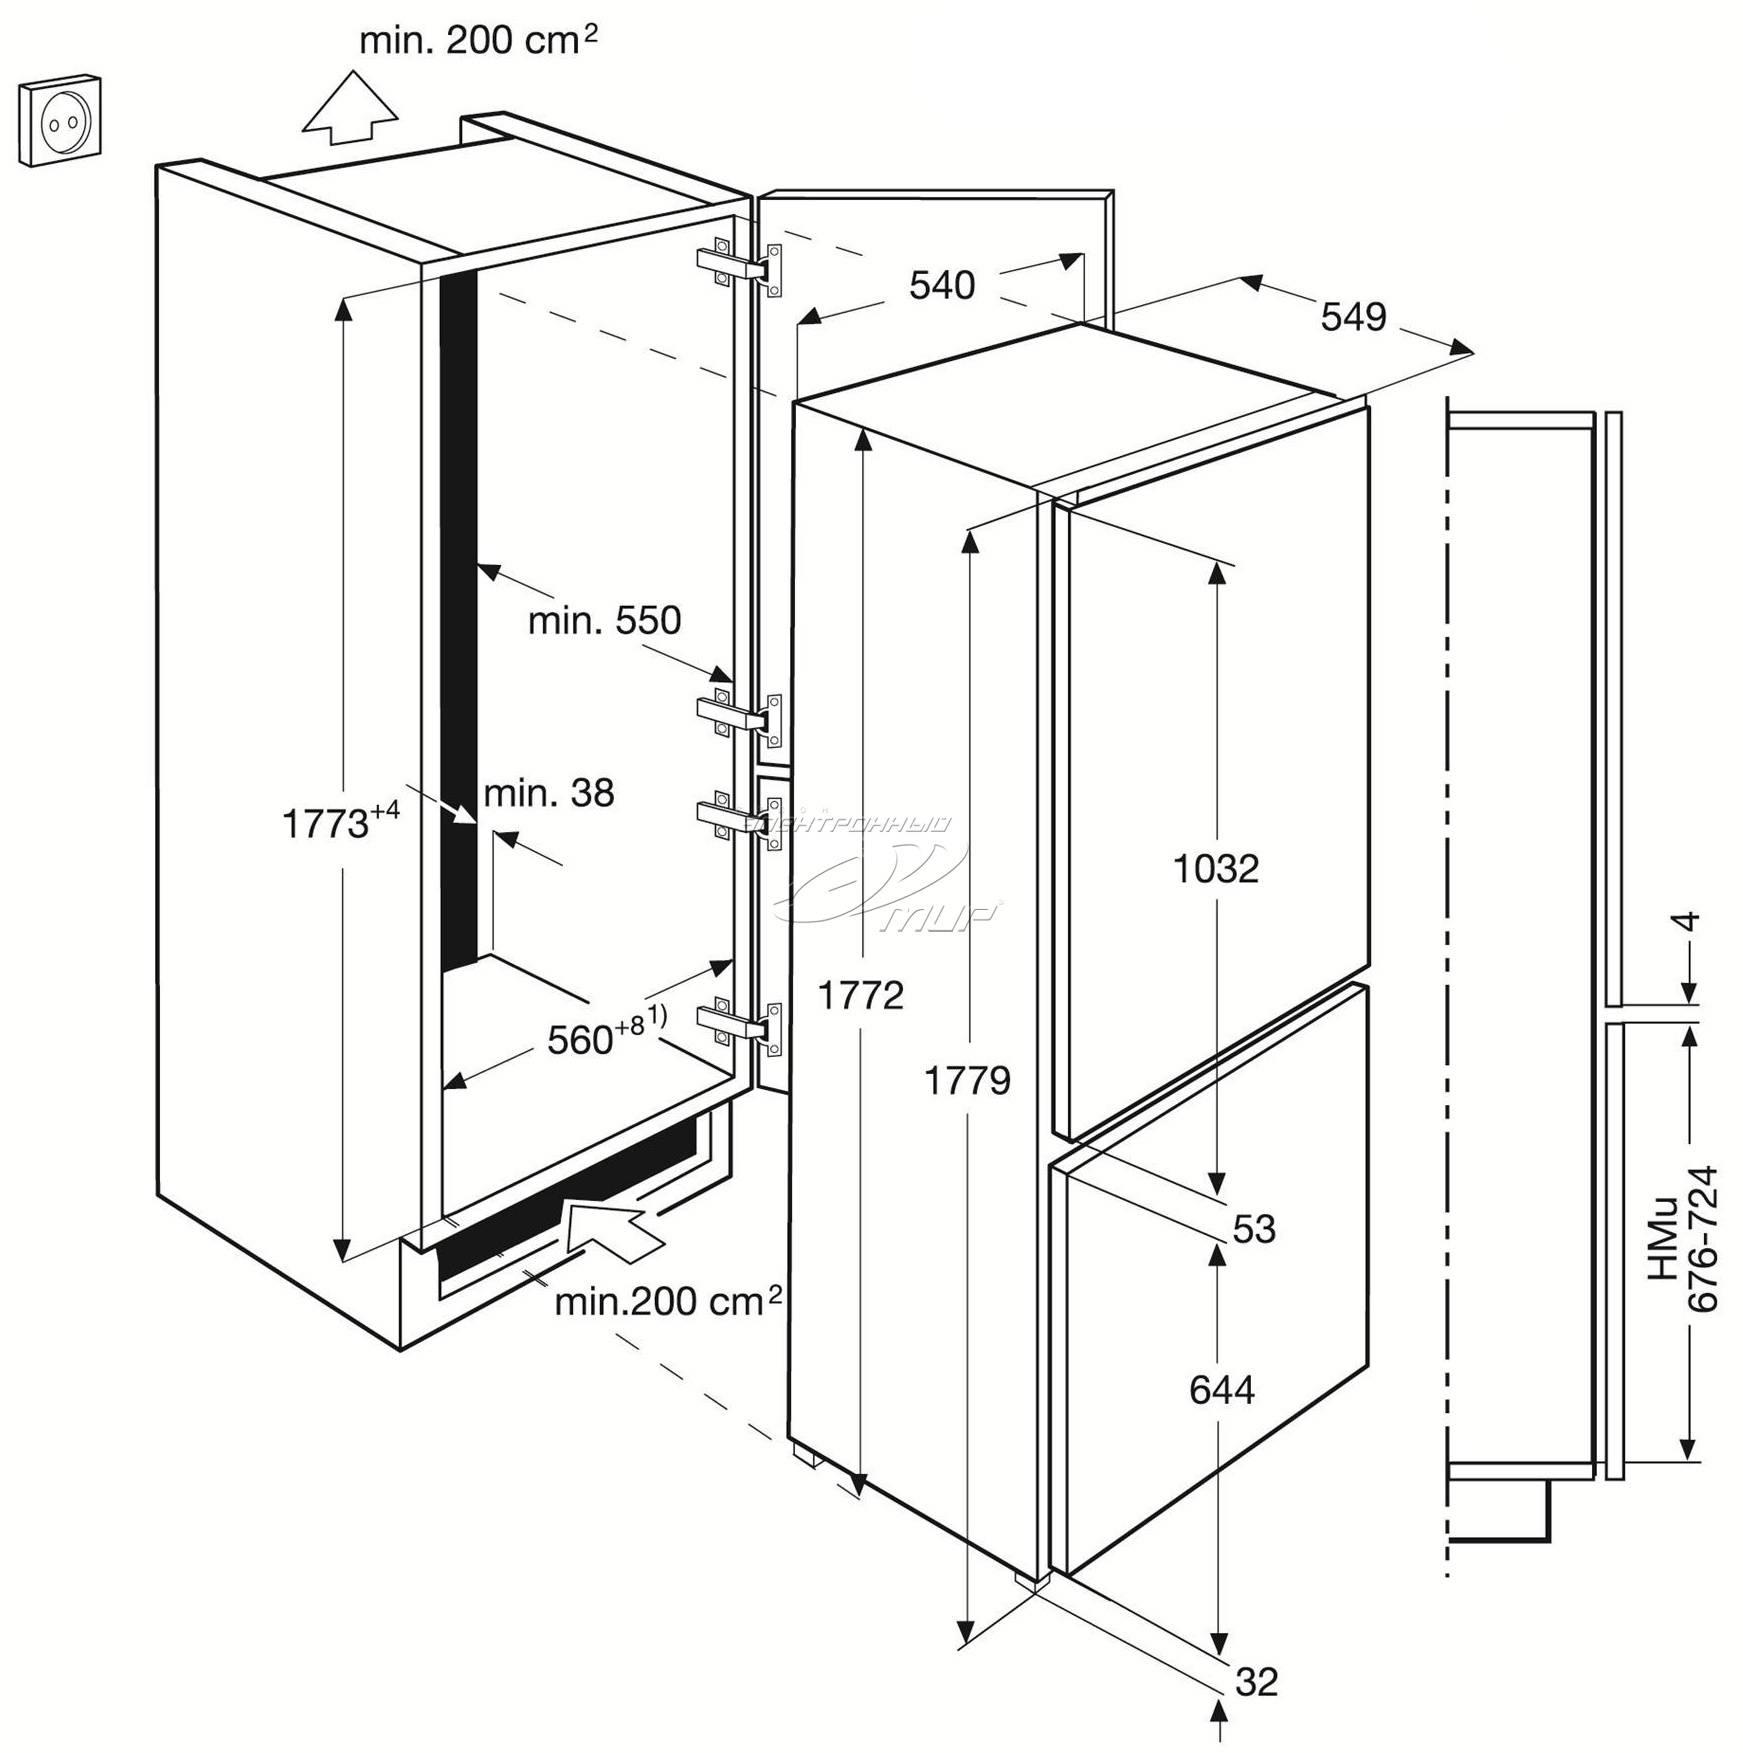 Размеры кухни: стандартные габариты кухонного гарнитура (высота, ширина)